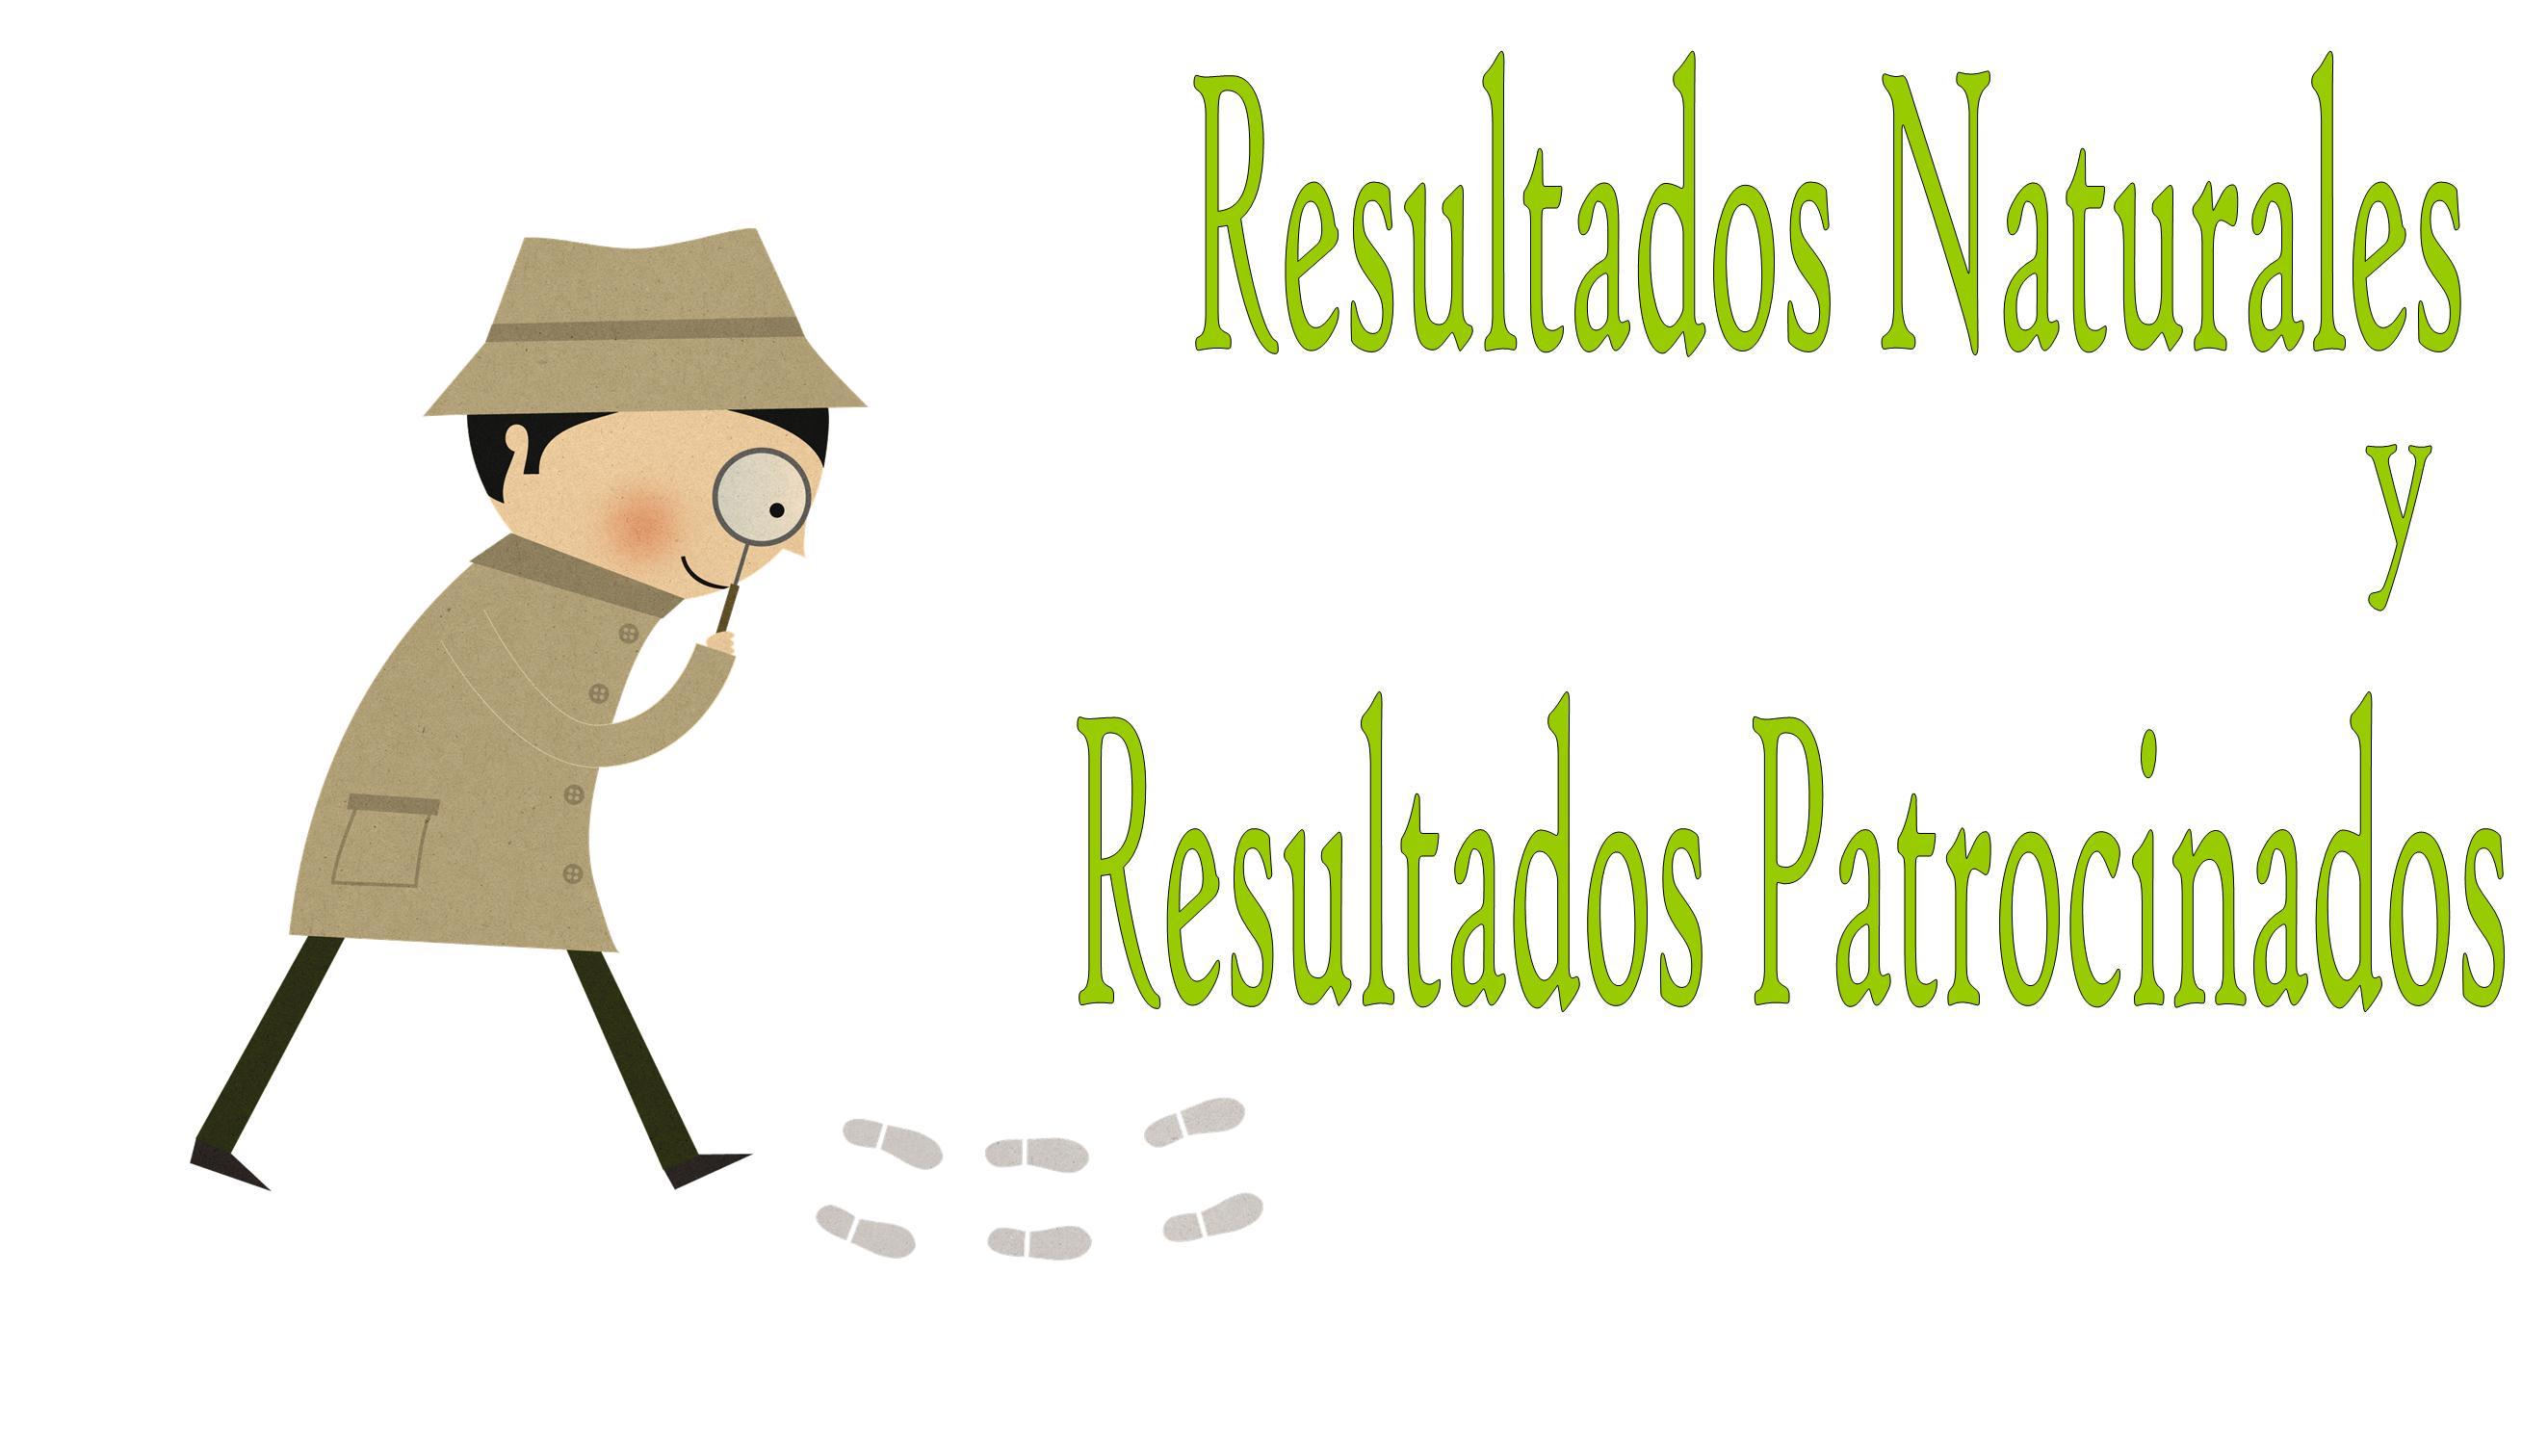 Sobre el Marketing de Buscadores (4/4) > Resultados Naturales y Resultados Patrocinados